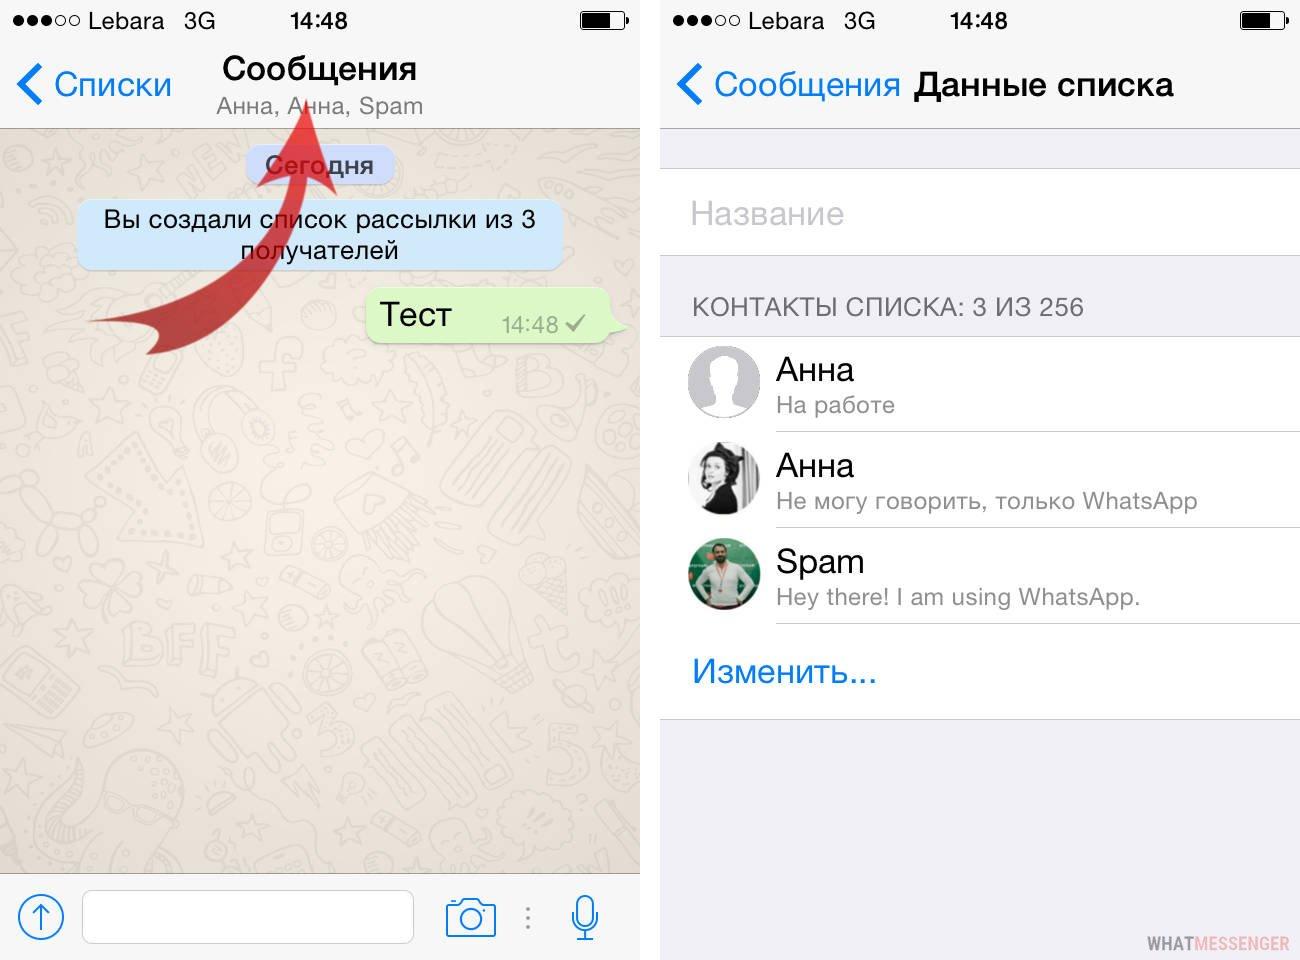 Как сделать рассылку в whatsapp на айфоне скрипт смс рассылки на php